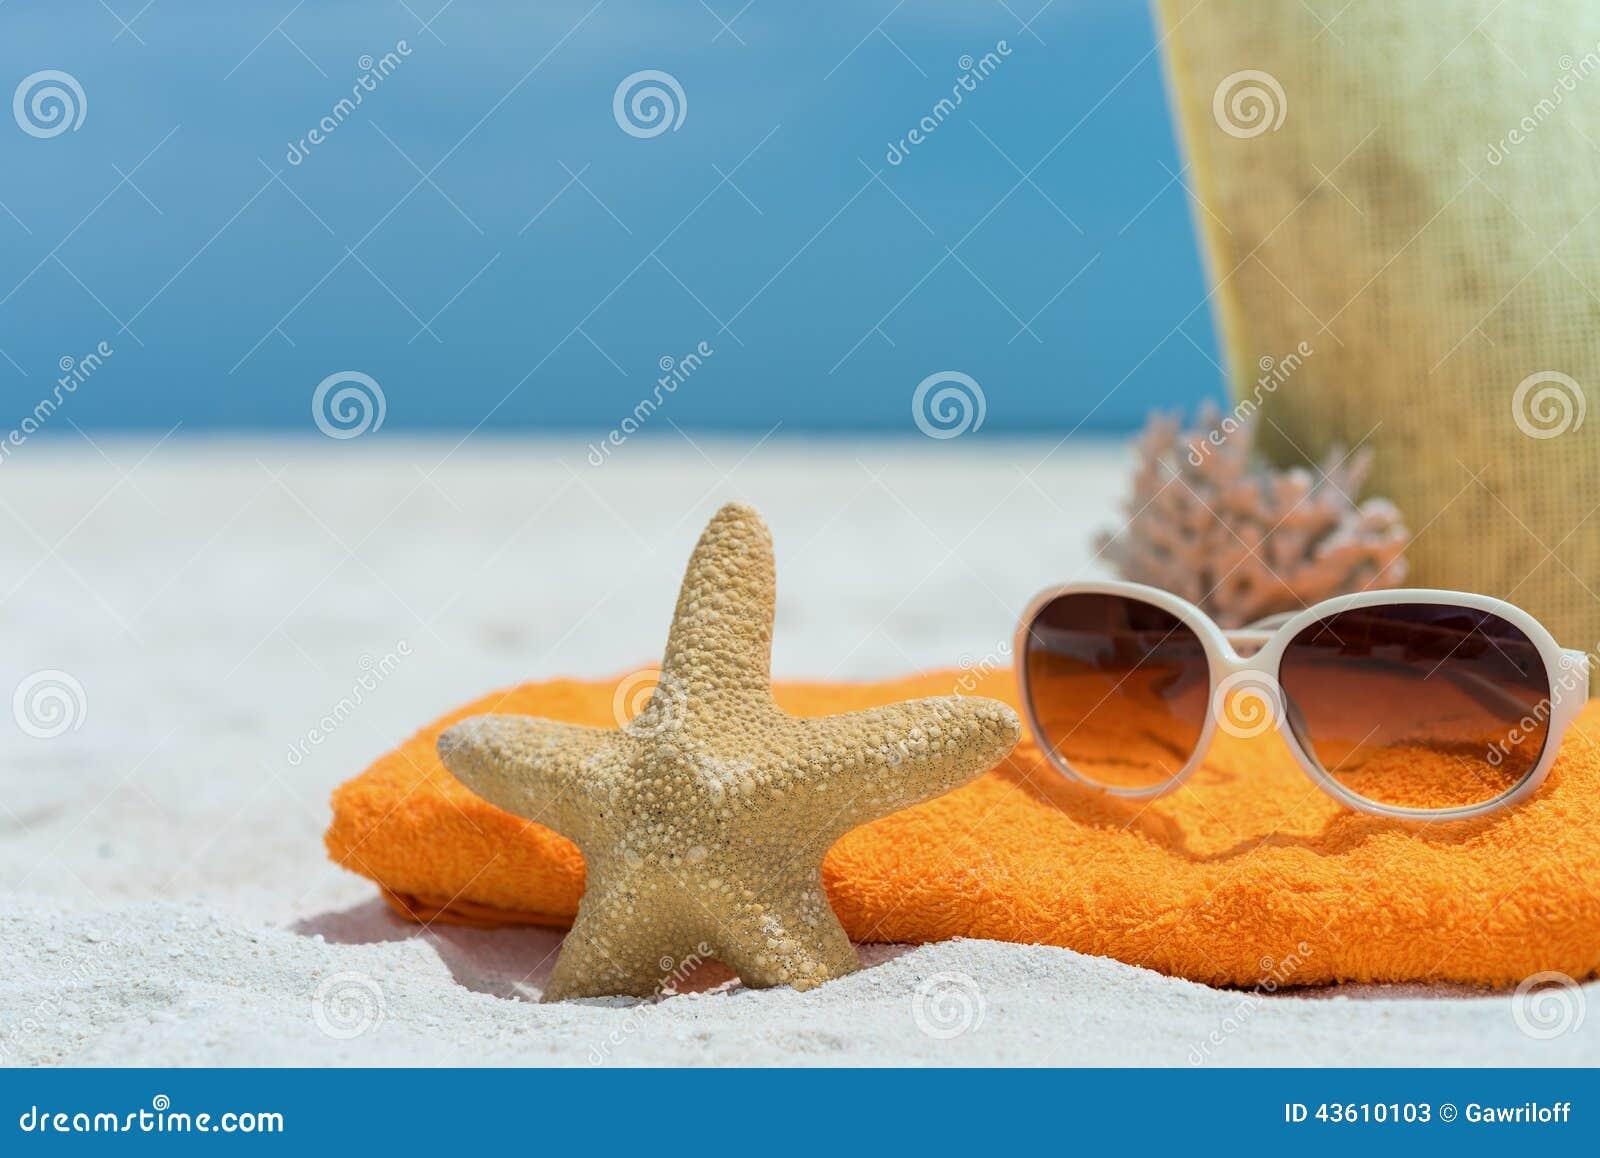 sac de plage d 39 t avec la serviette les lunettes de soleil et le corail sur la plage. Black Bedroom Furniture Sets. Home Design Ideas